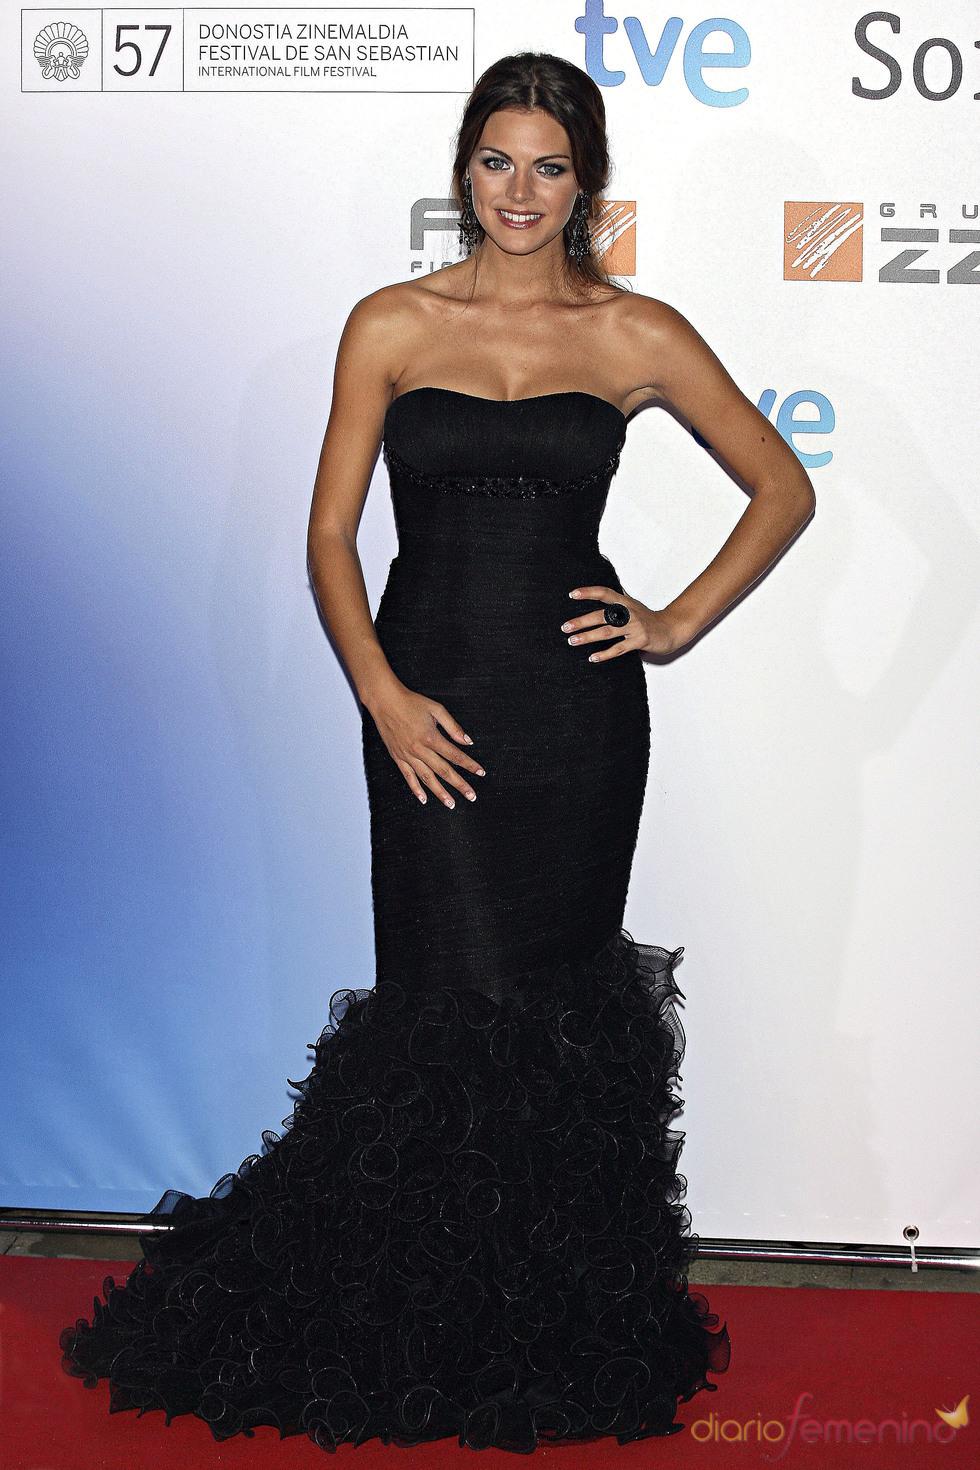 Amaia Salamanca con vestido de fiesta inspiración gitana